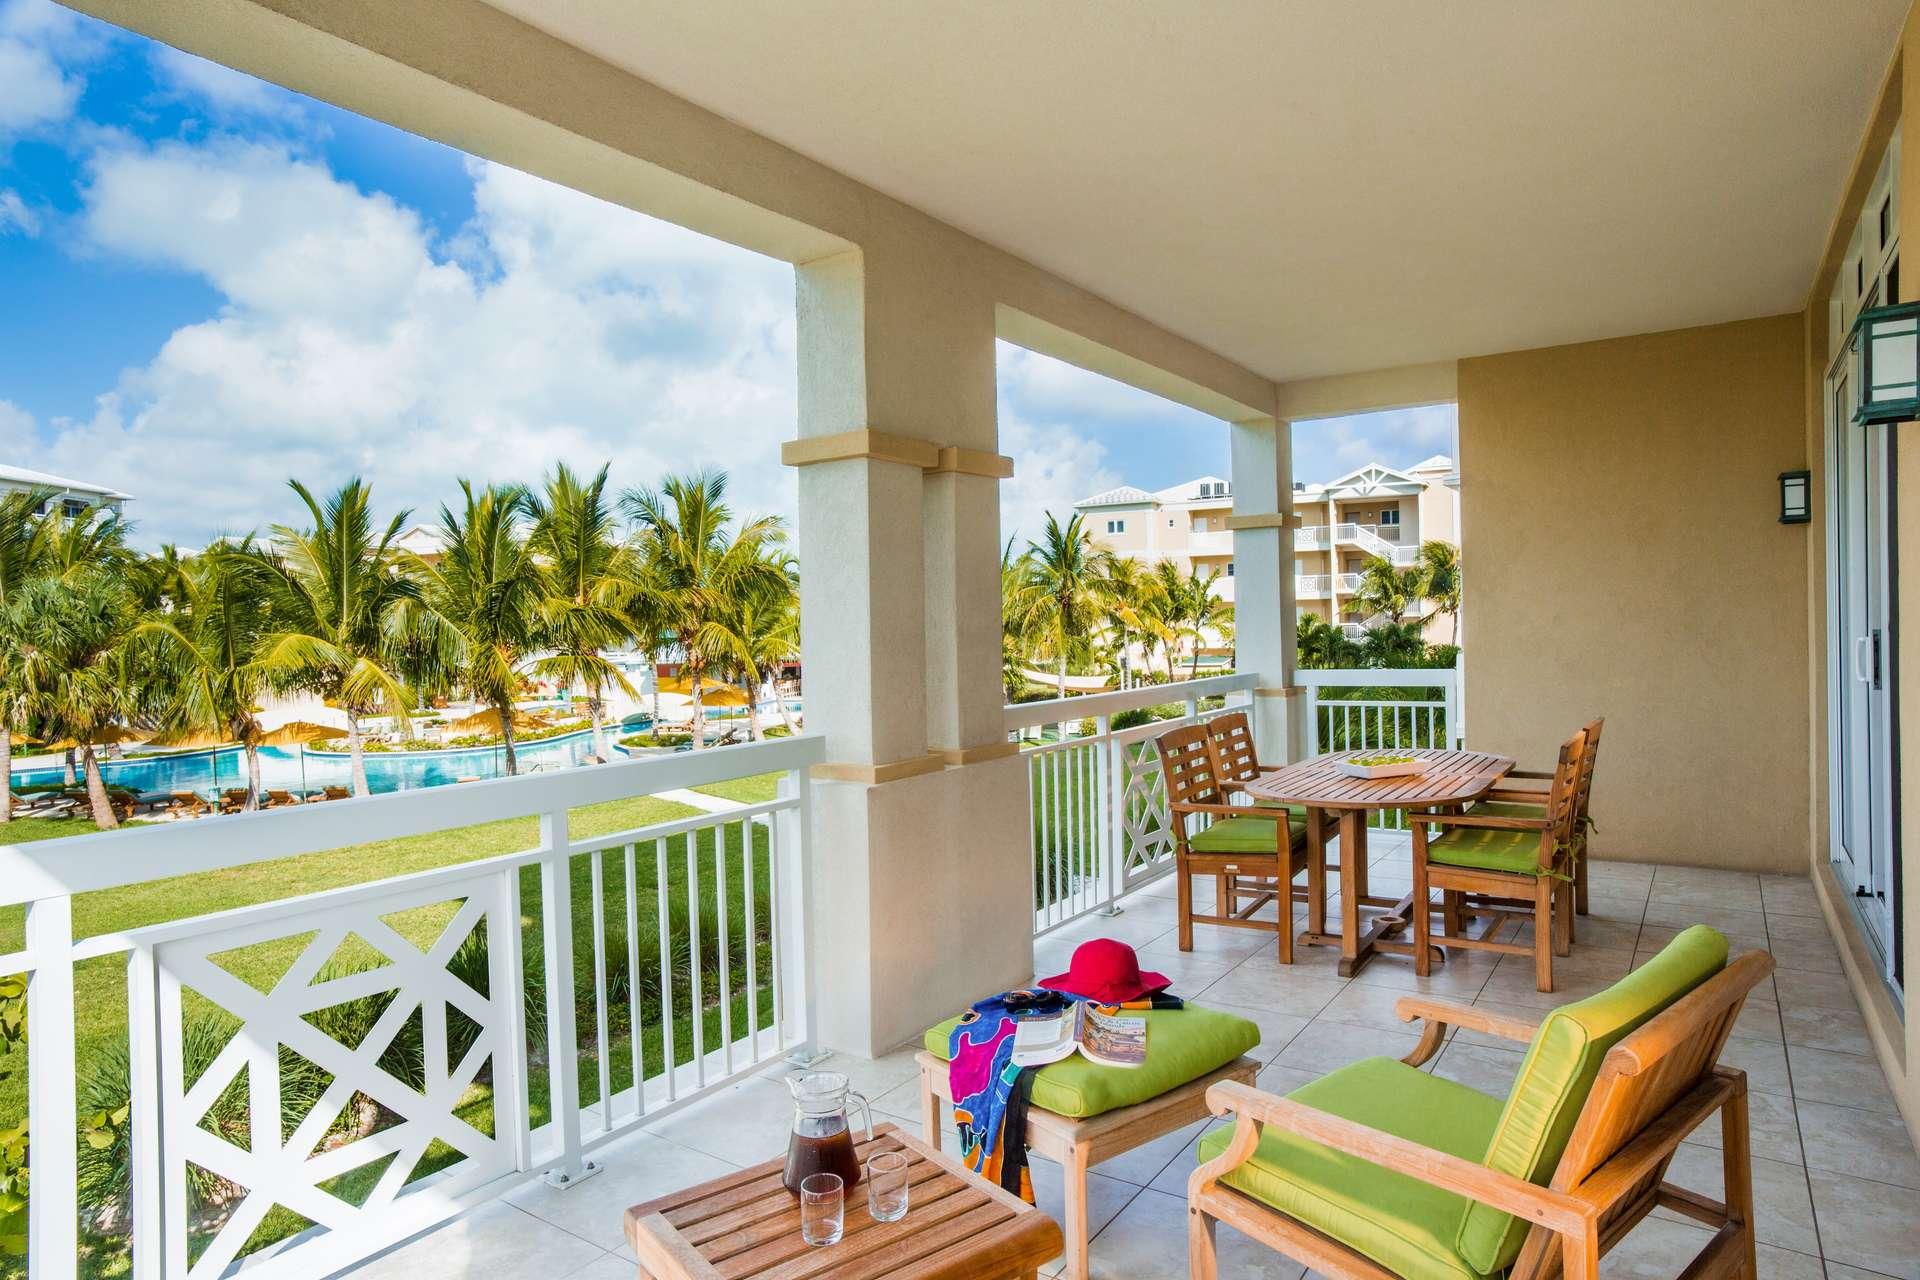 Luxury villa rentals caribbean - Turks and caicos - Providenciales - Alexandra resort - Garden View Suite | 1 Bedroom - Image 1/9